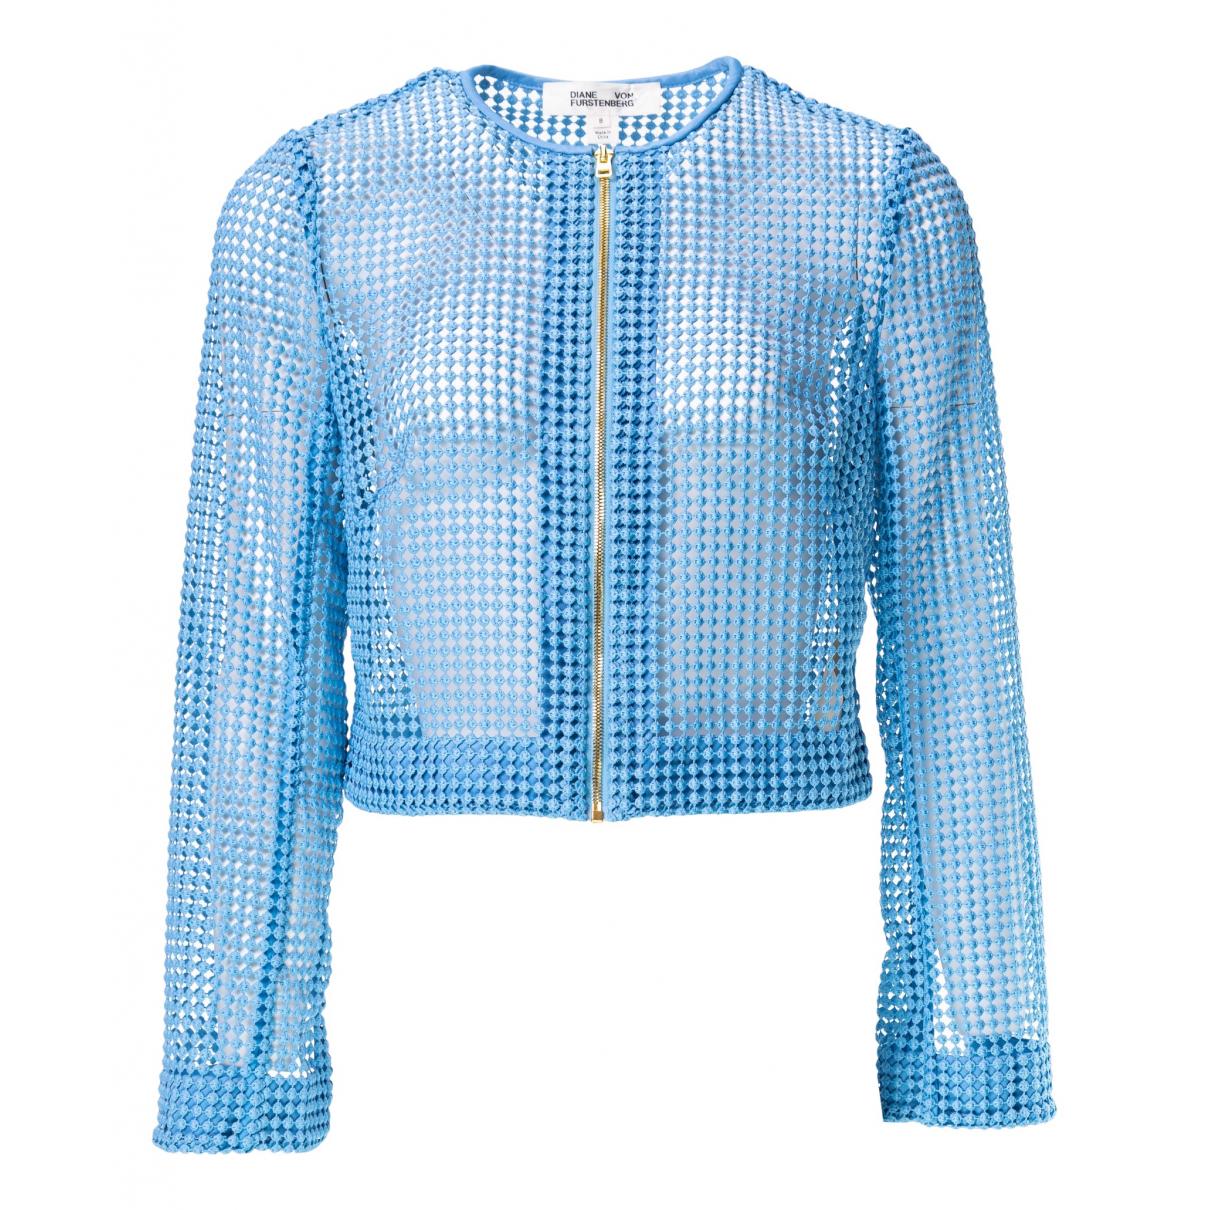 Diane Von Furstenberg N Blue jacket for Women 8 US